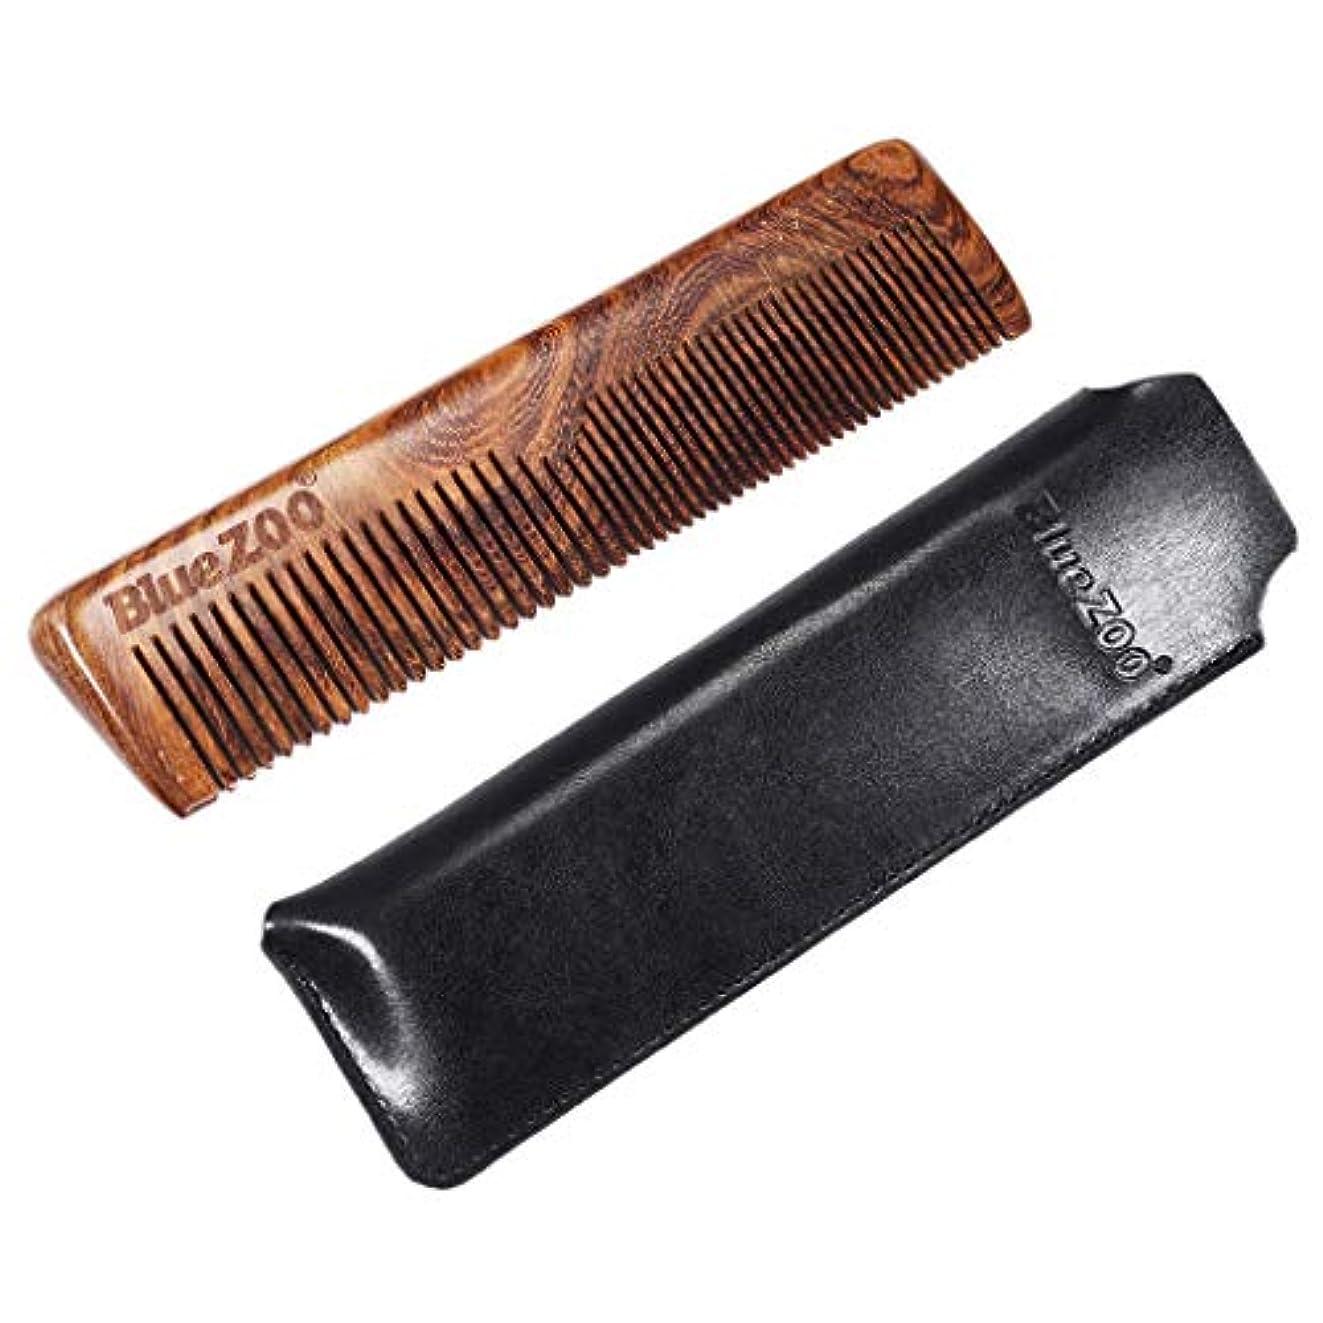 ウッドコーム 静電気防止櫛 ひげ櫛 ヘアブラシ 収納バッグ 2色選べ - ブラック